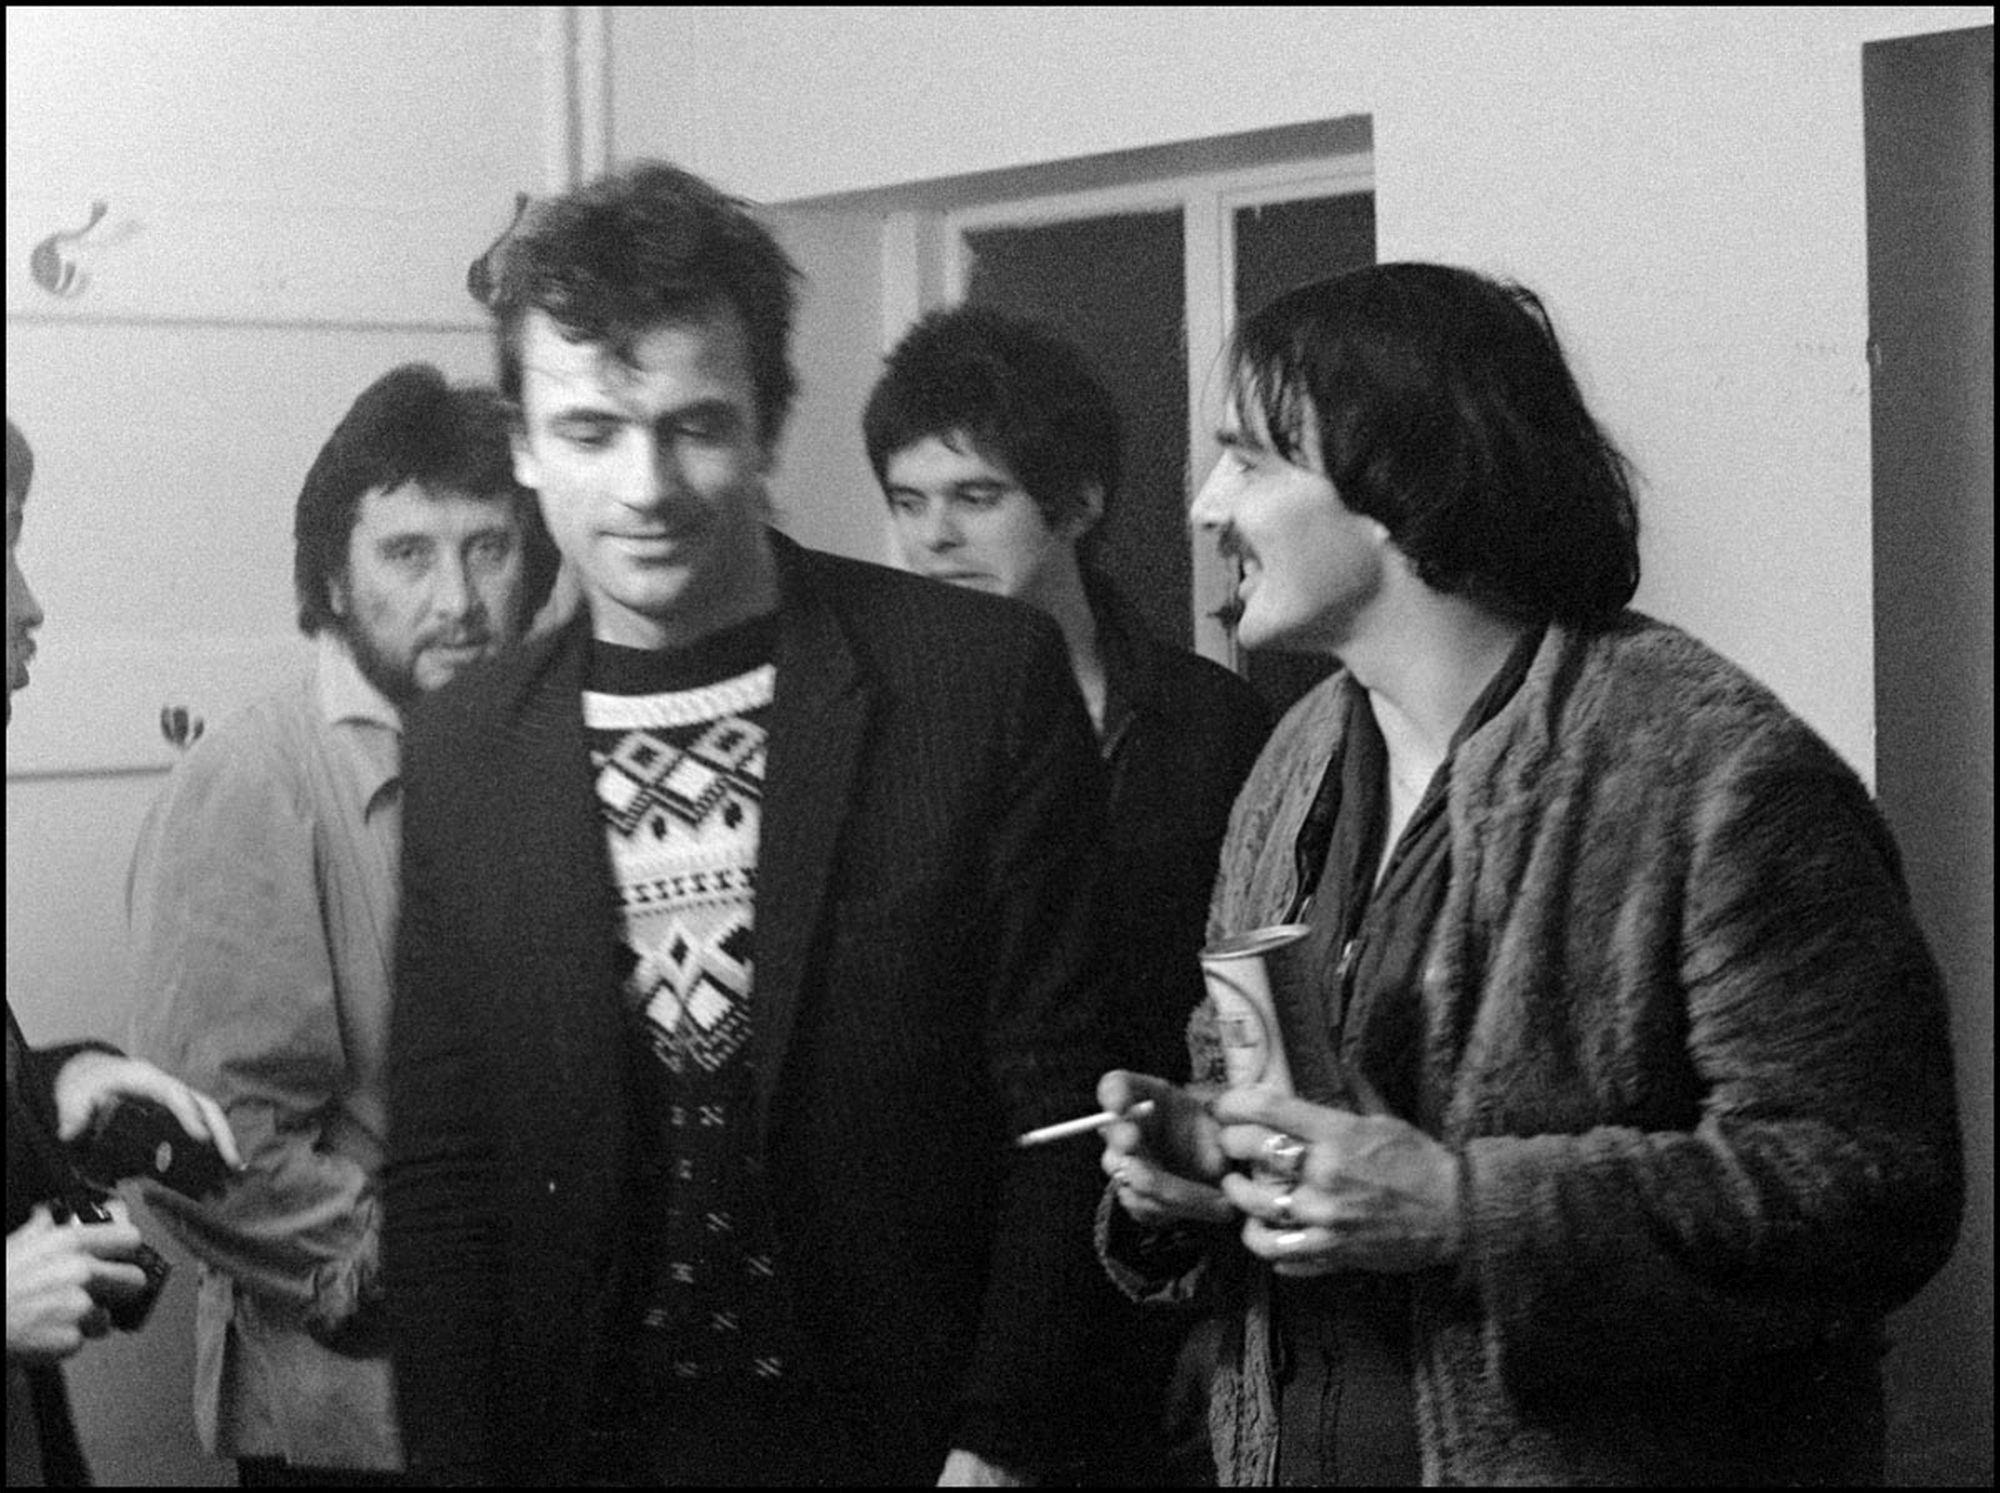 stranglers_1977-10-06_photo_3.jpg